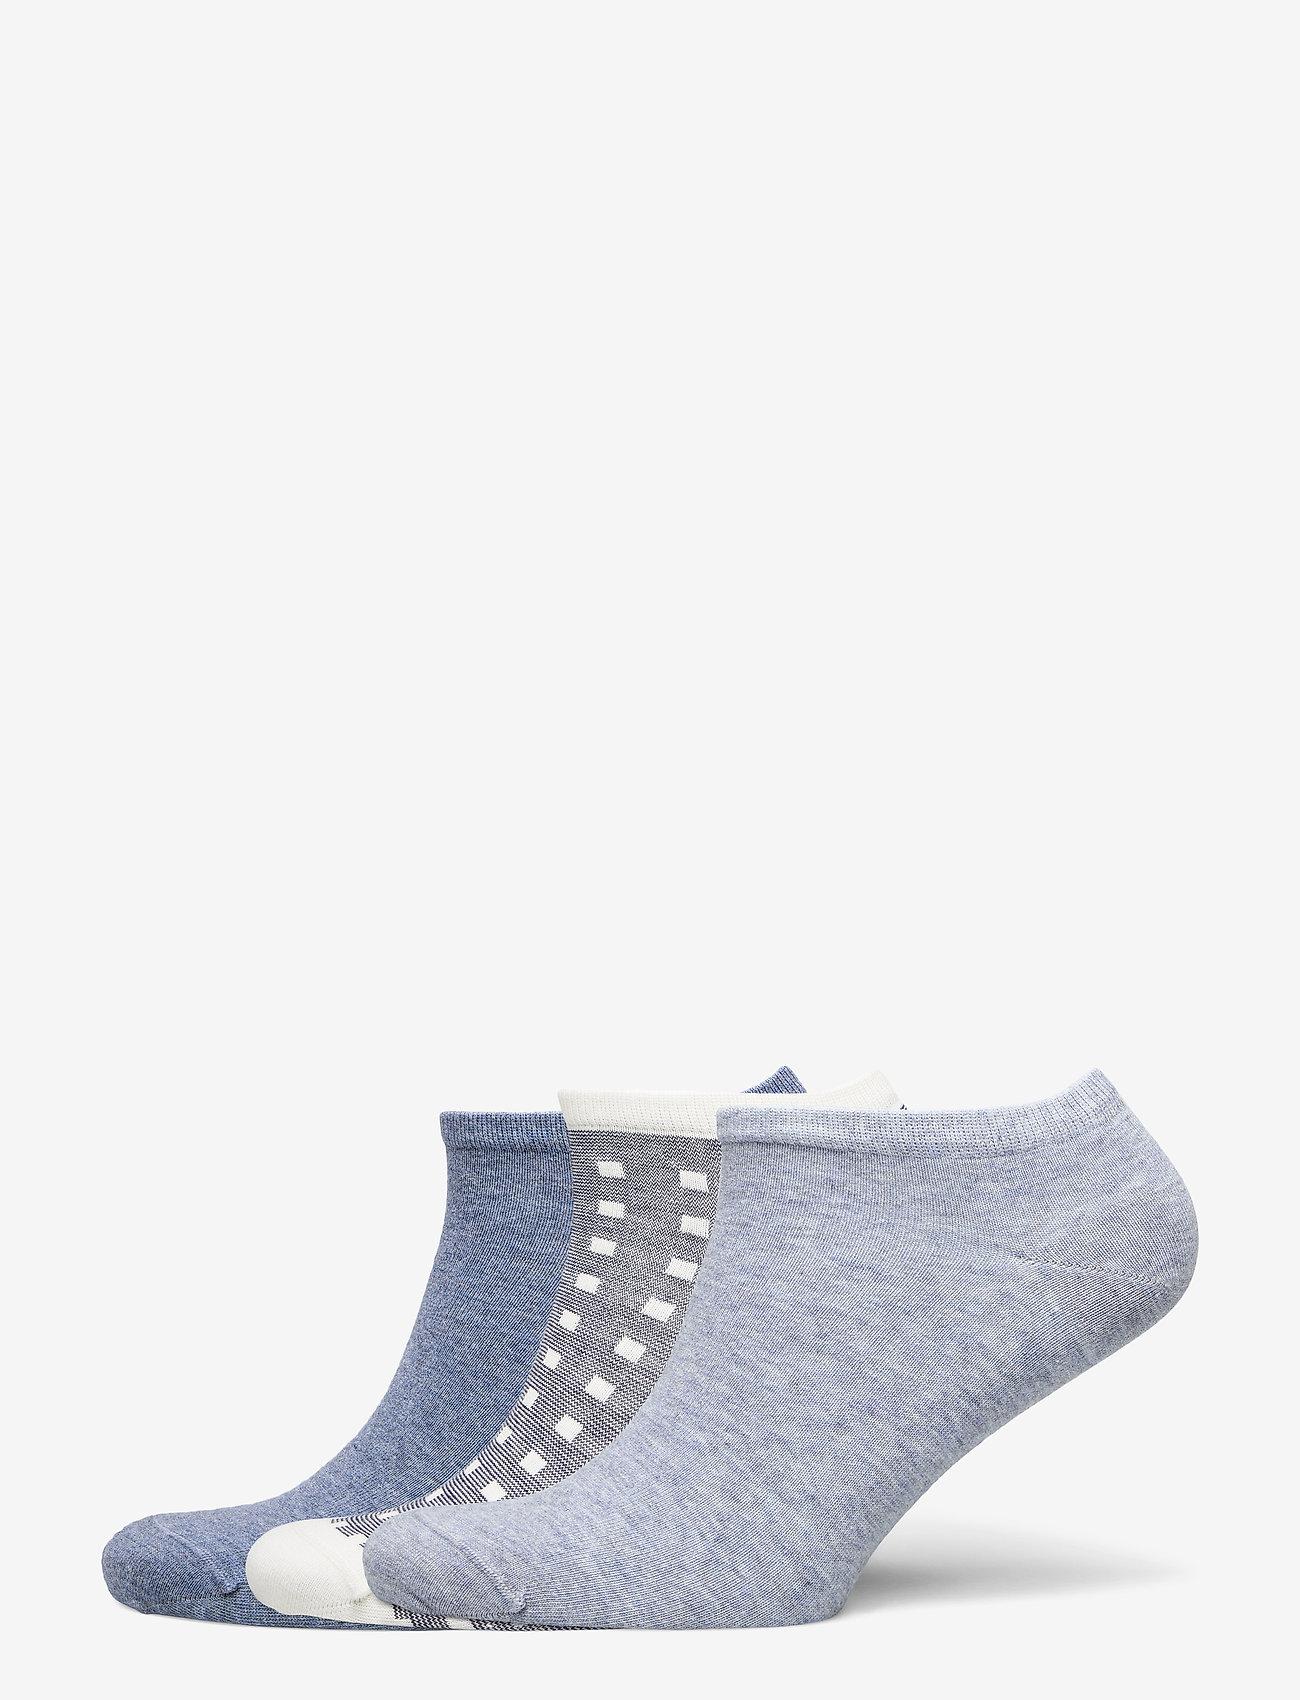 Tommy Hilfiger - TH WOMEN SNEAKER 3P PROMO - footies - jeans - 0